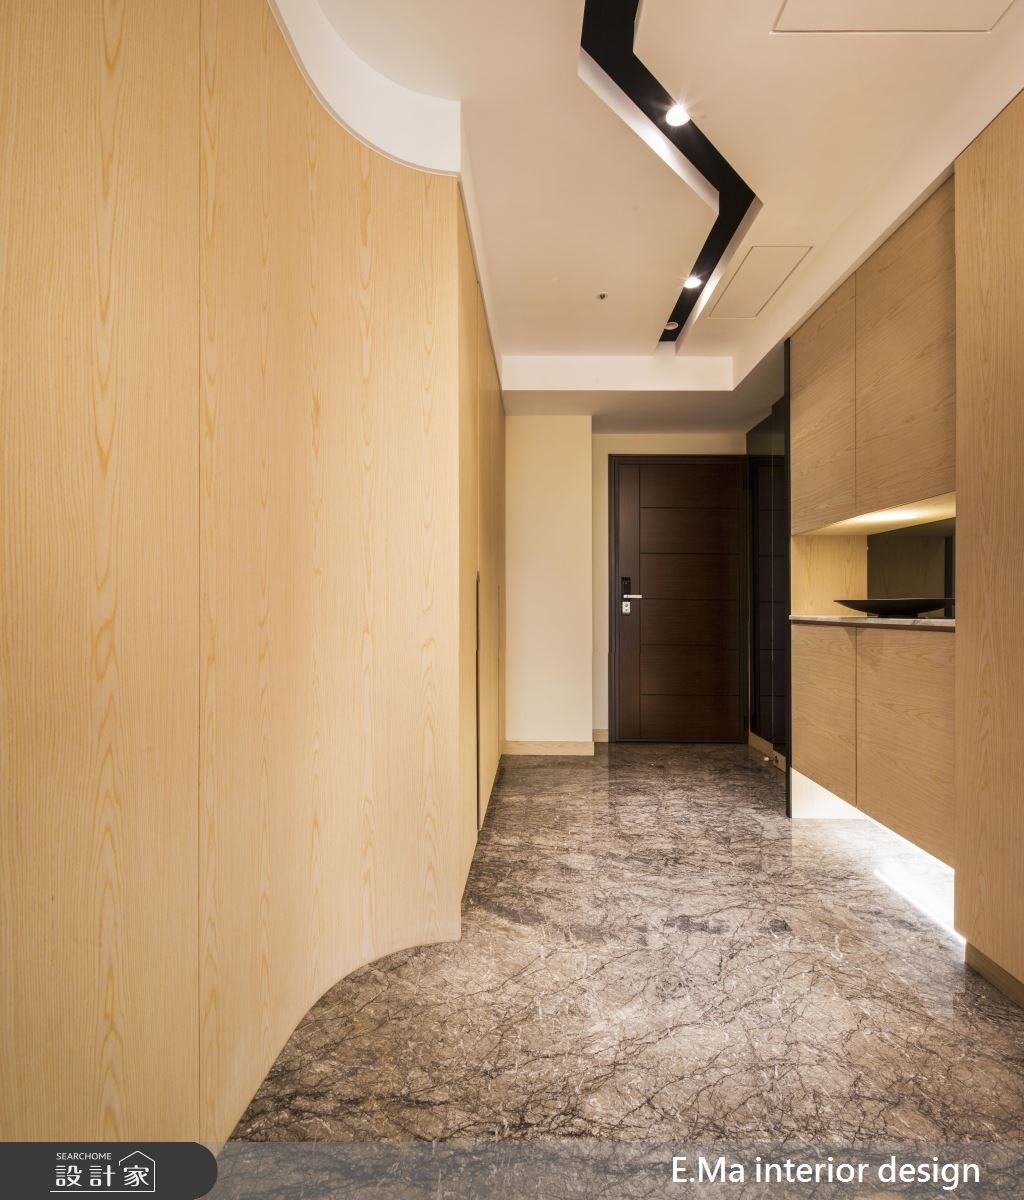 50坪新成屋(5年以下)_人文禪風玄關案例圖片_艾馬室內裝修設計_艾馬_09之2